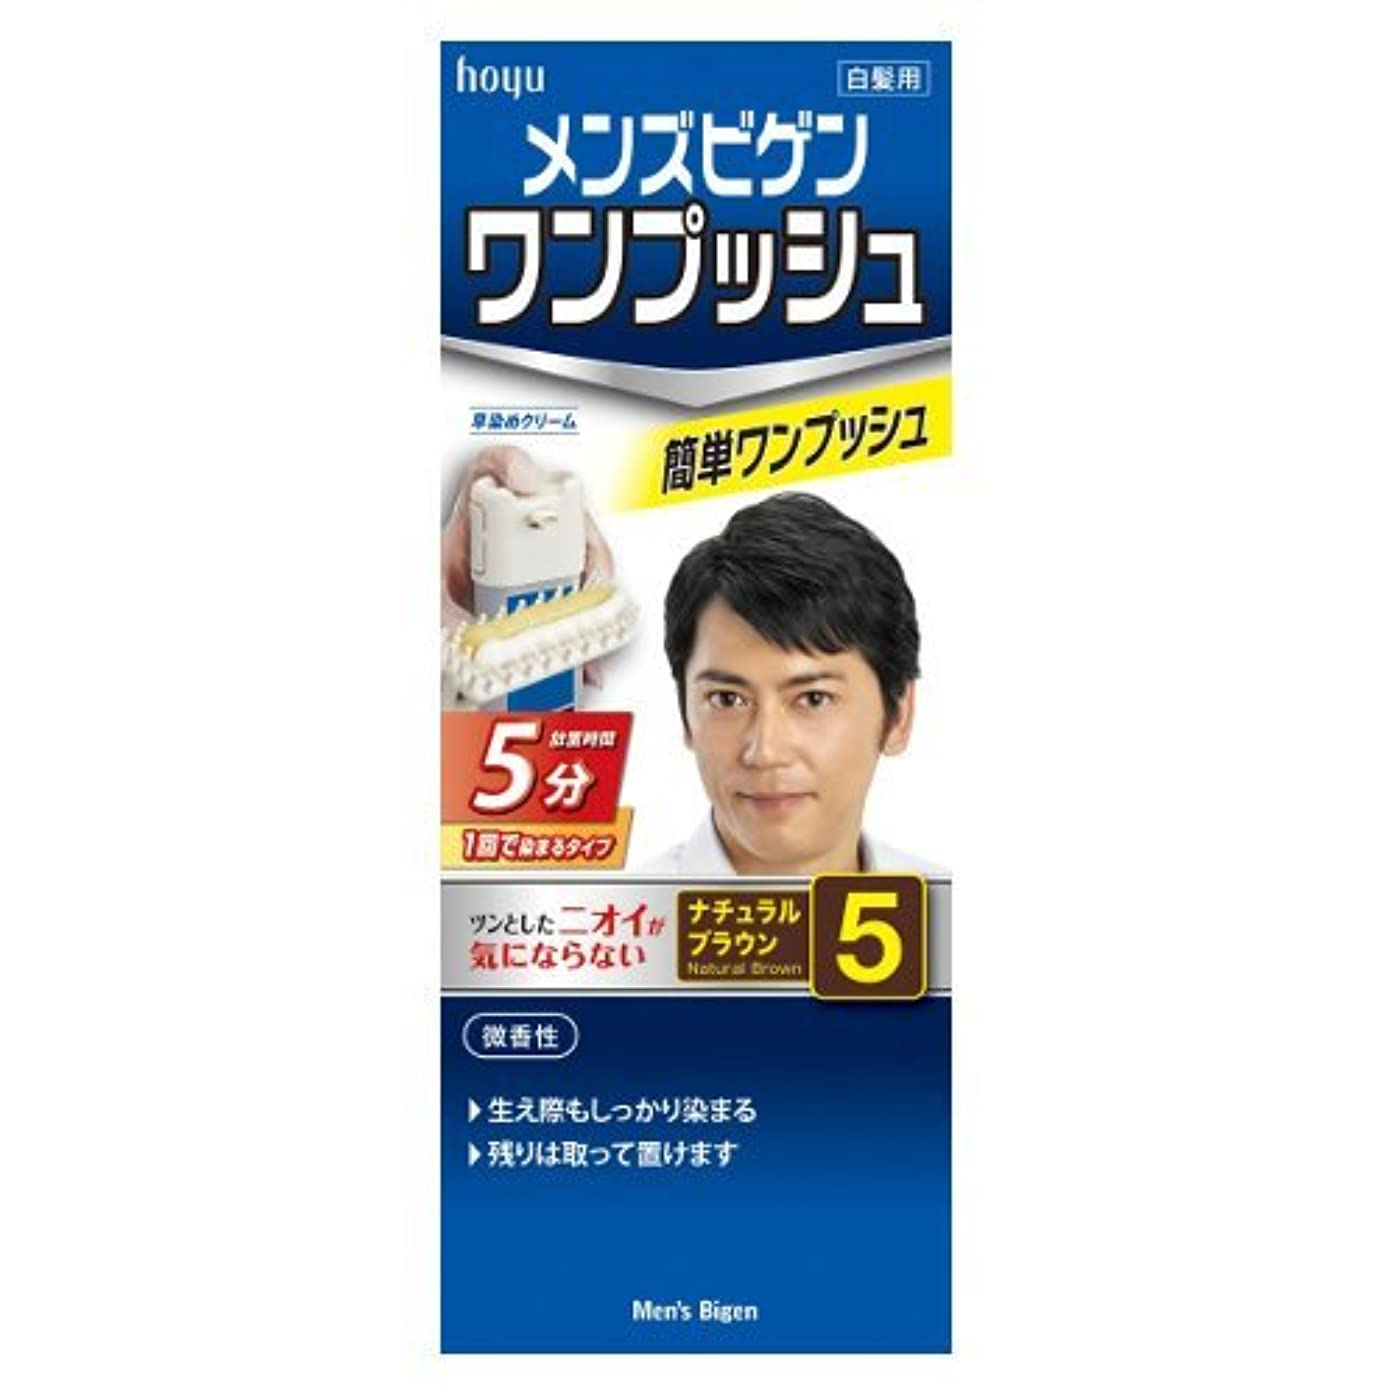 アジャシルクマイルドメンズビゲン ワンプッシュ 5 ナチュラルブラウン 40g+40g[医薬部外品]